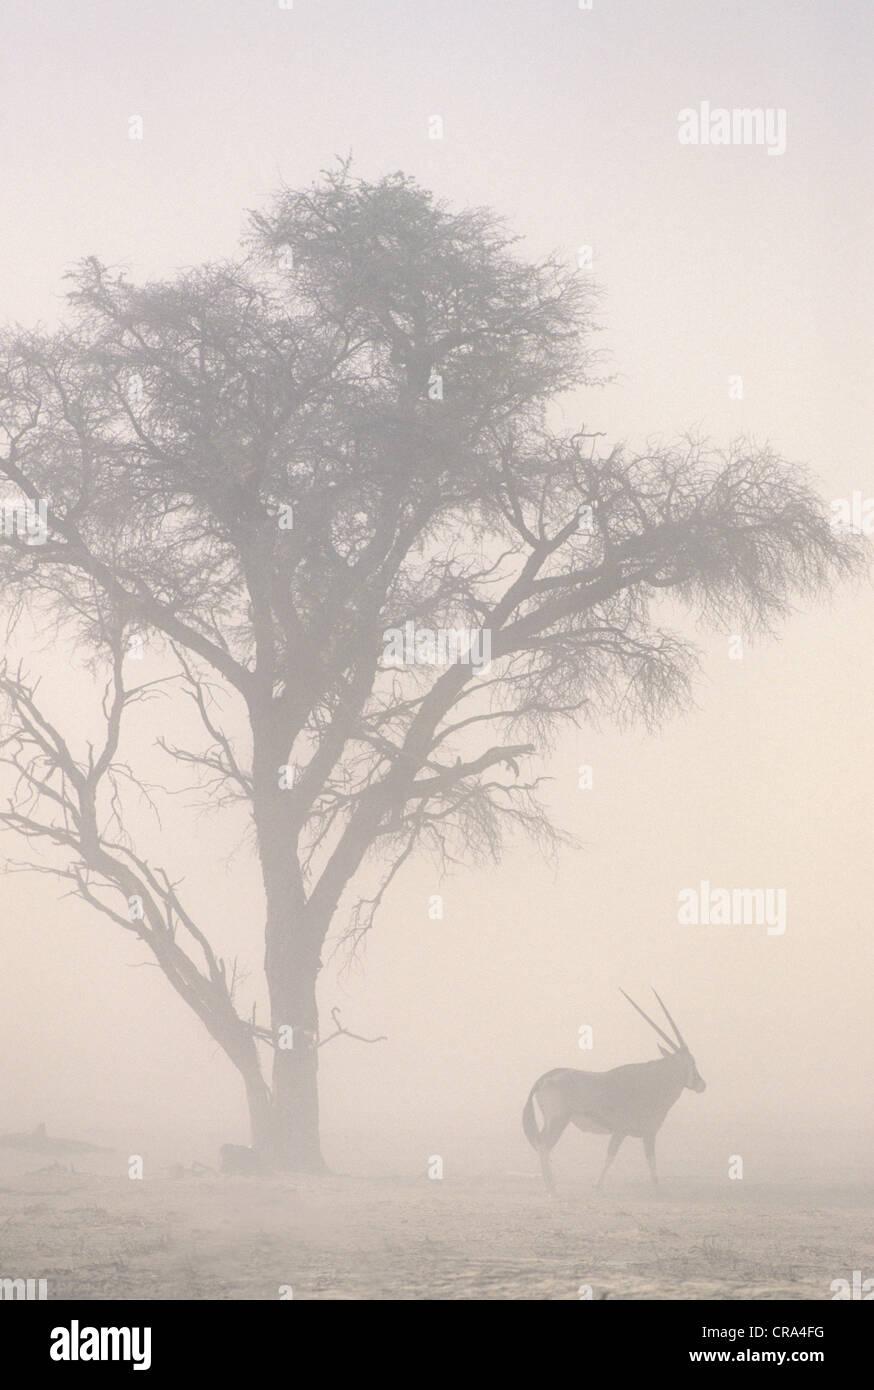 Die globale Erwärmung, die sandsturm und Oryx bei 45 c Temperaturen, Kgalagadi Transfrontier Park, Südafrika Stockbild